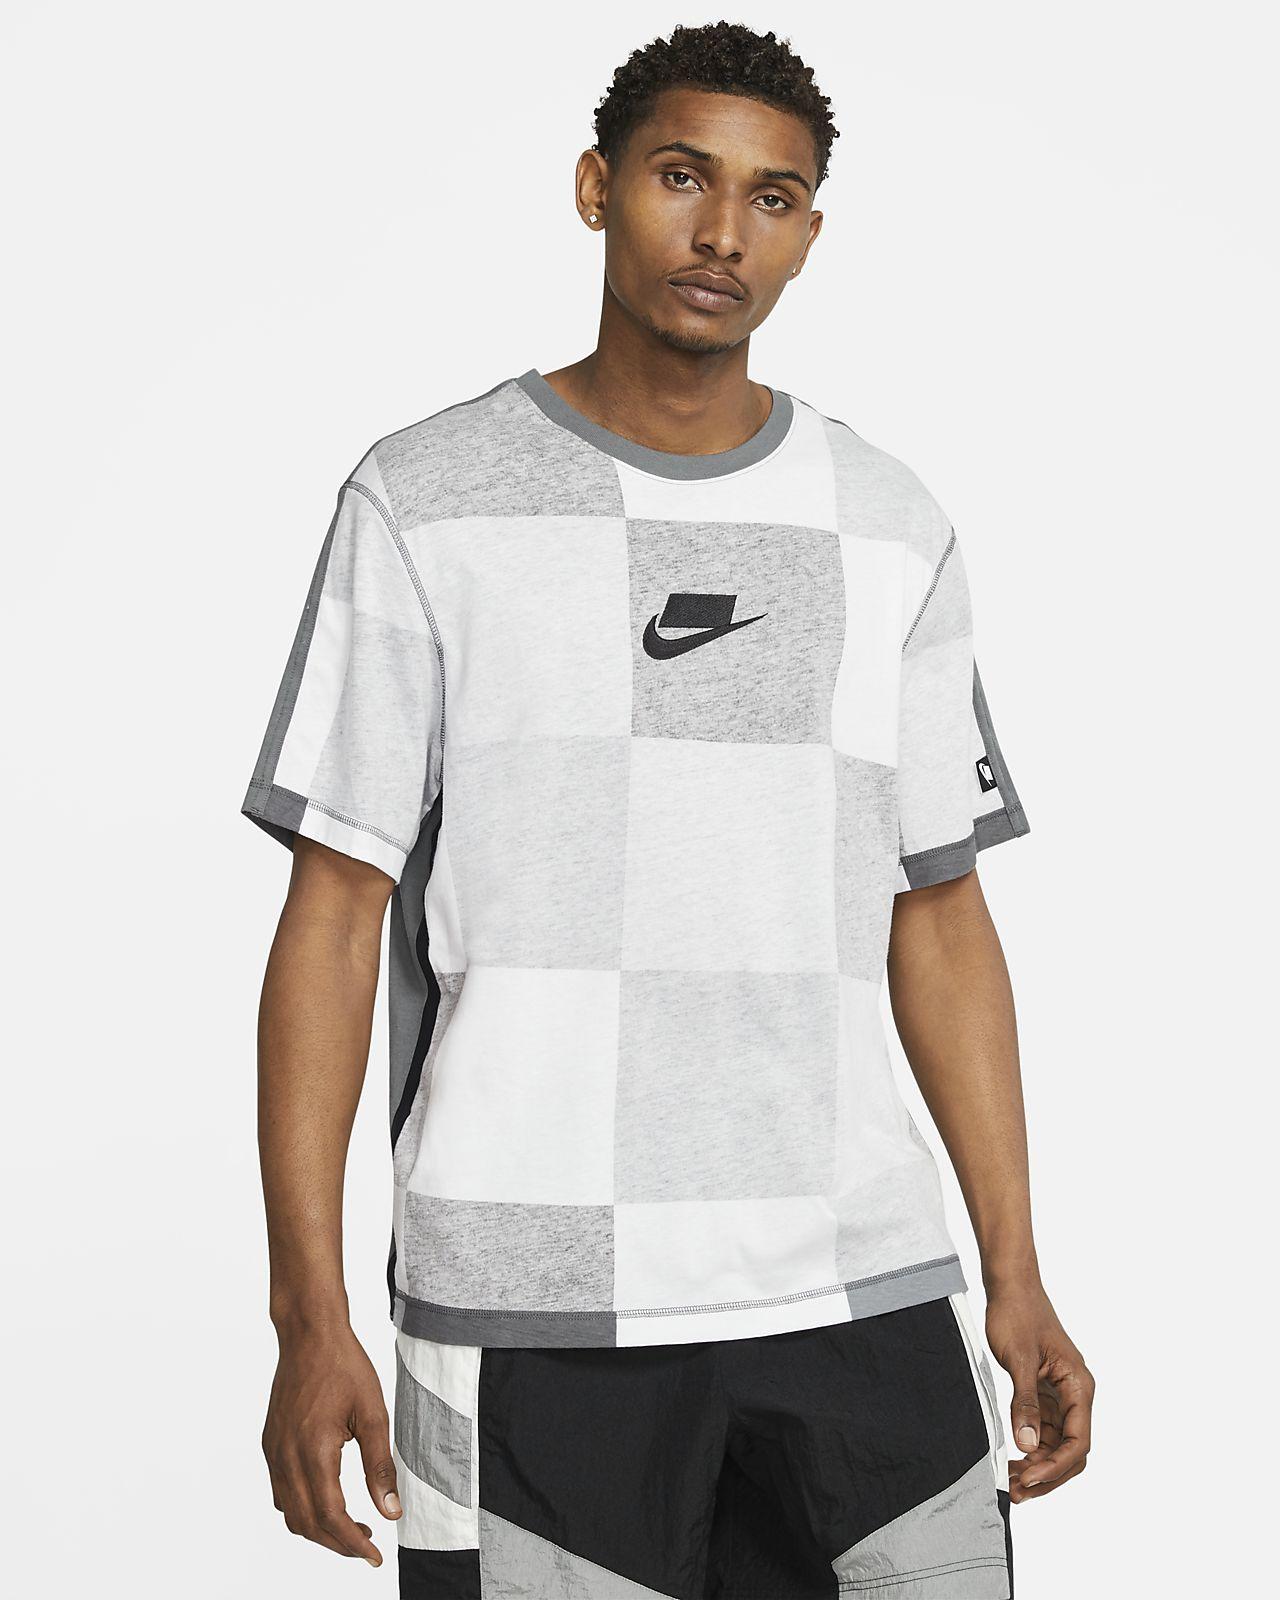 Nike Sportswear NSW Men's Short-Sleeve Knit Top